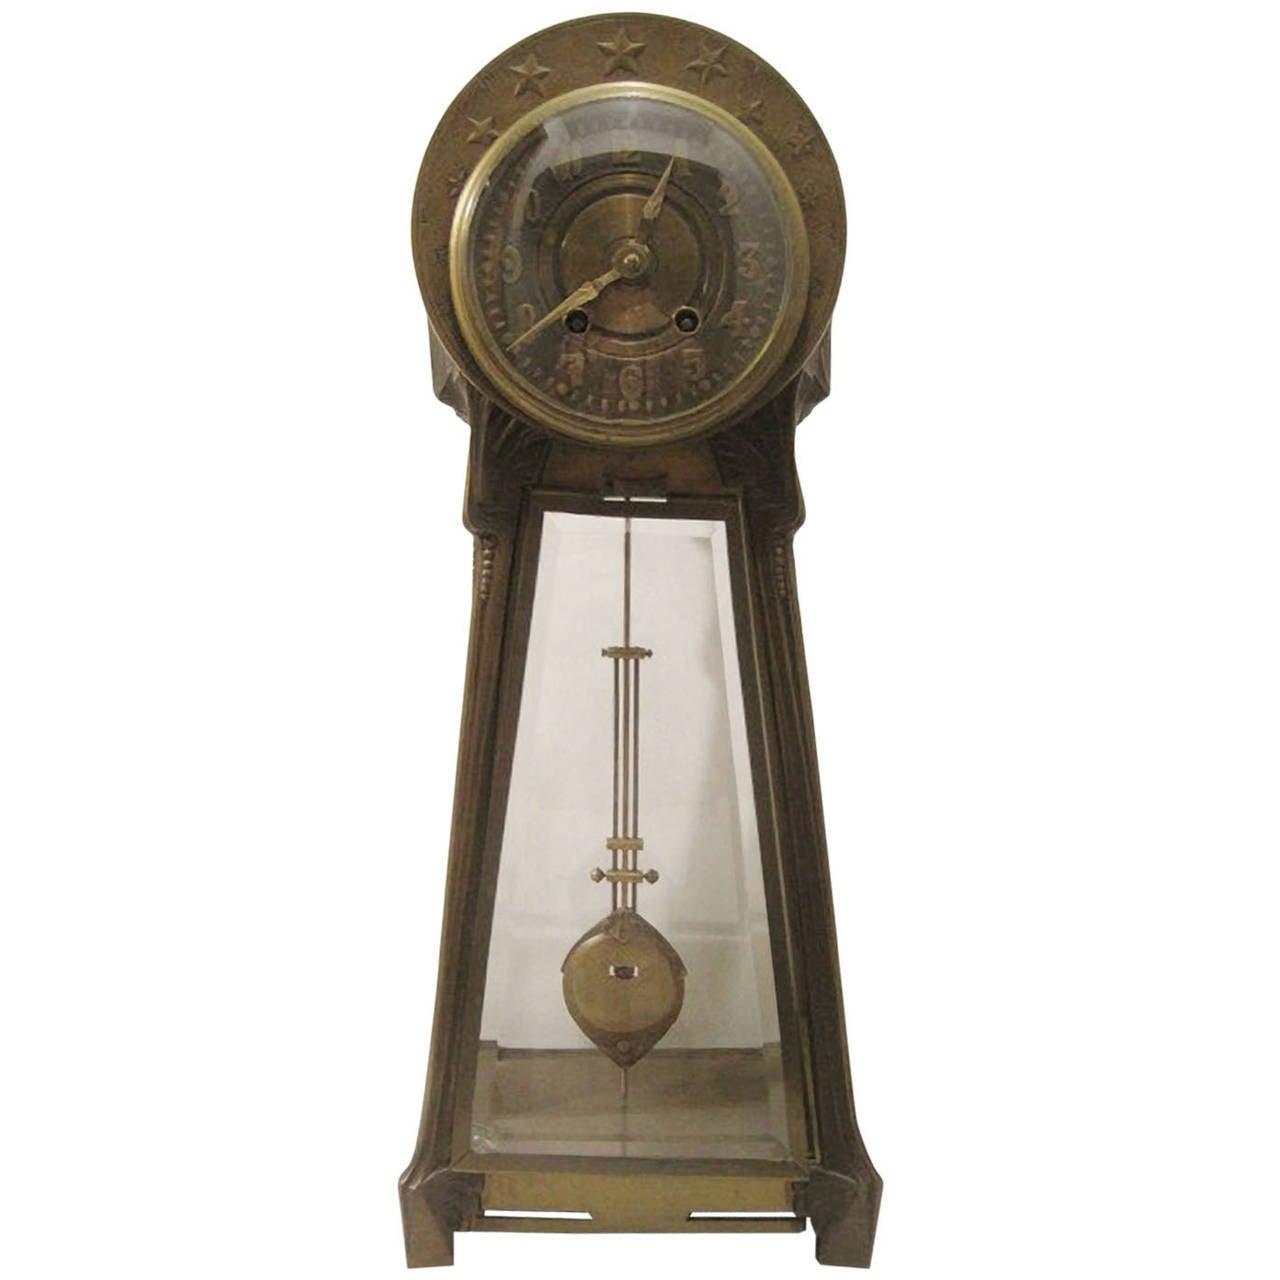 Lenzkirch Mantel Clock, Art Nouveau Jugendstil